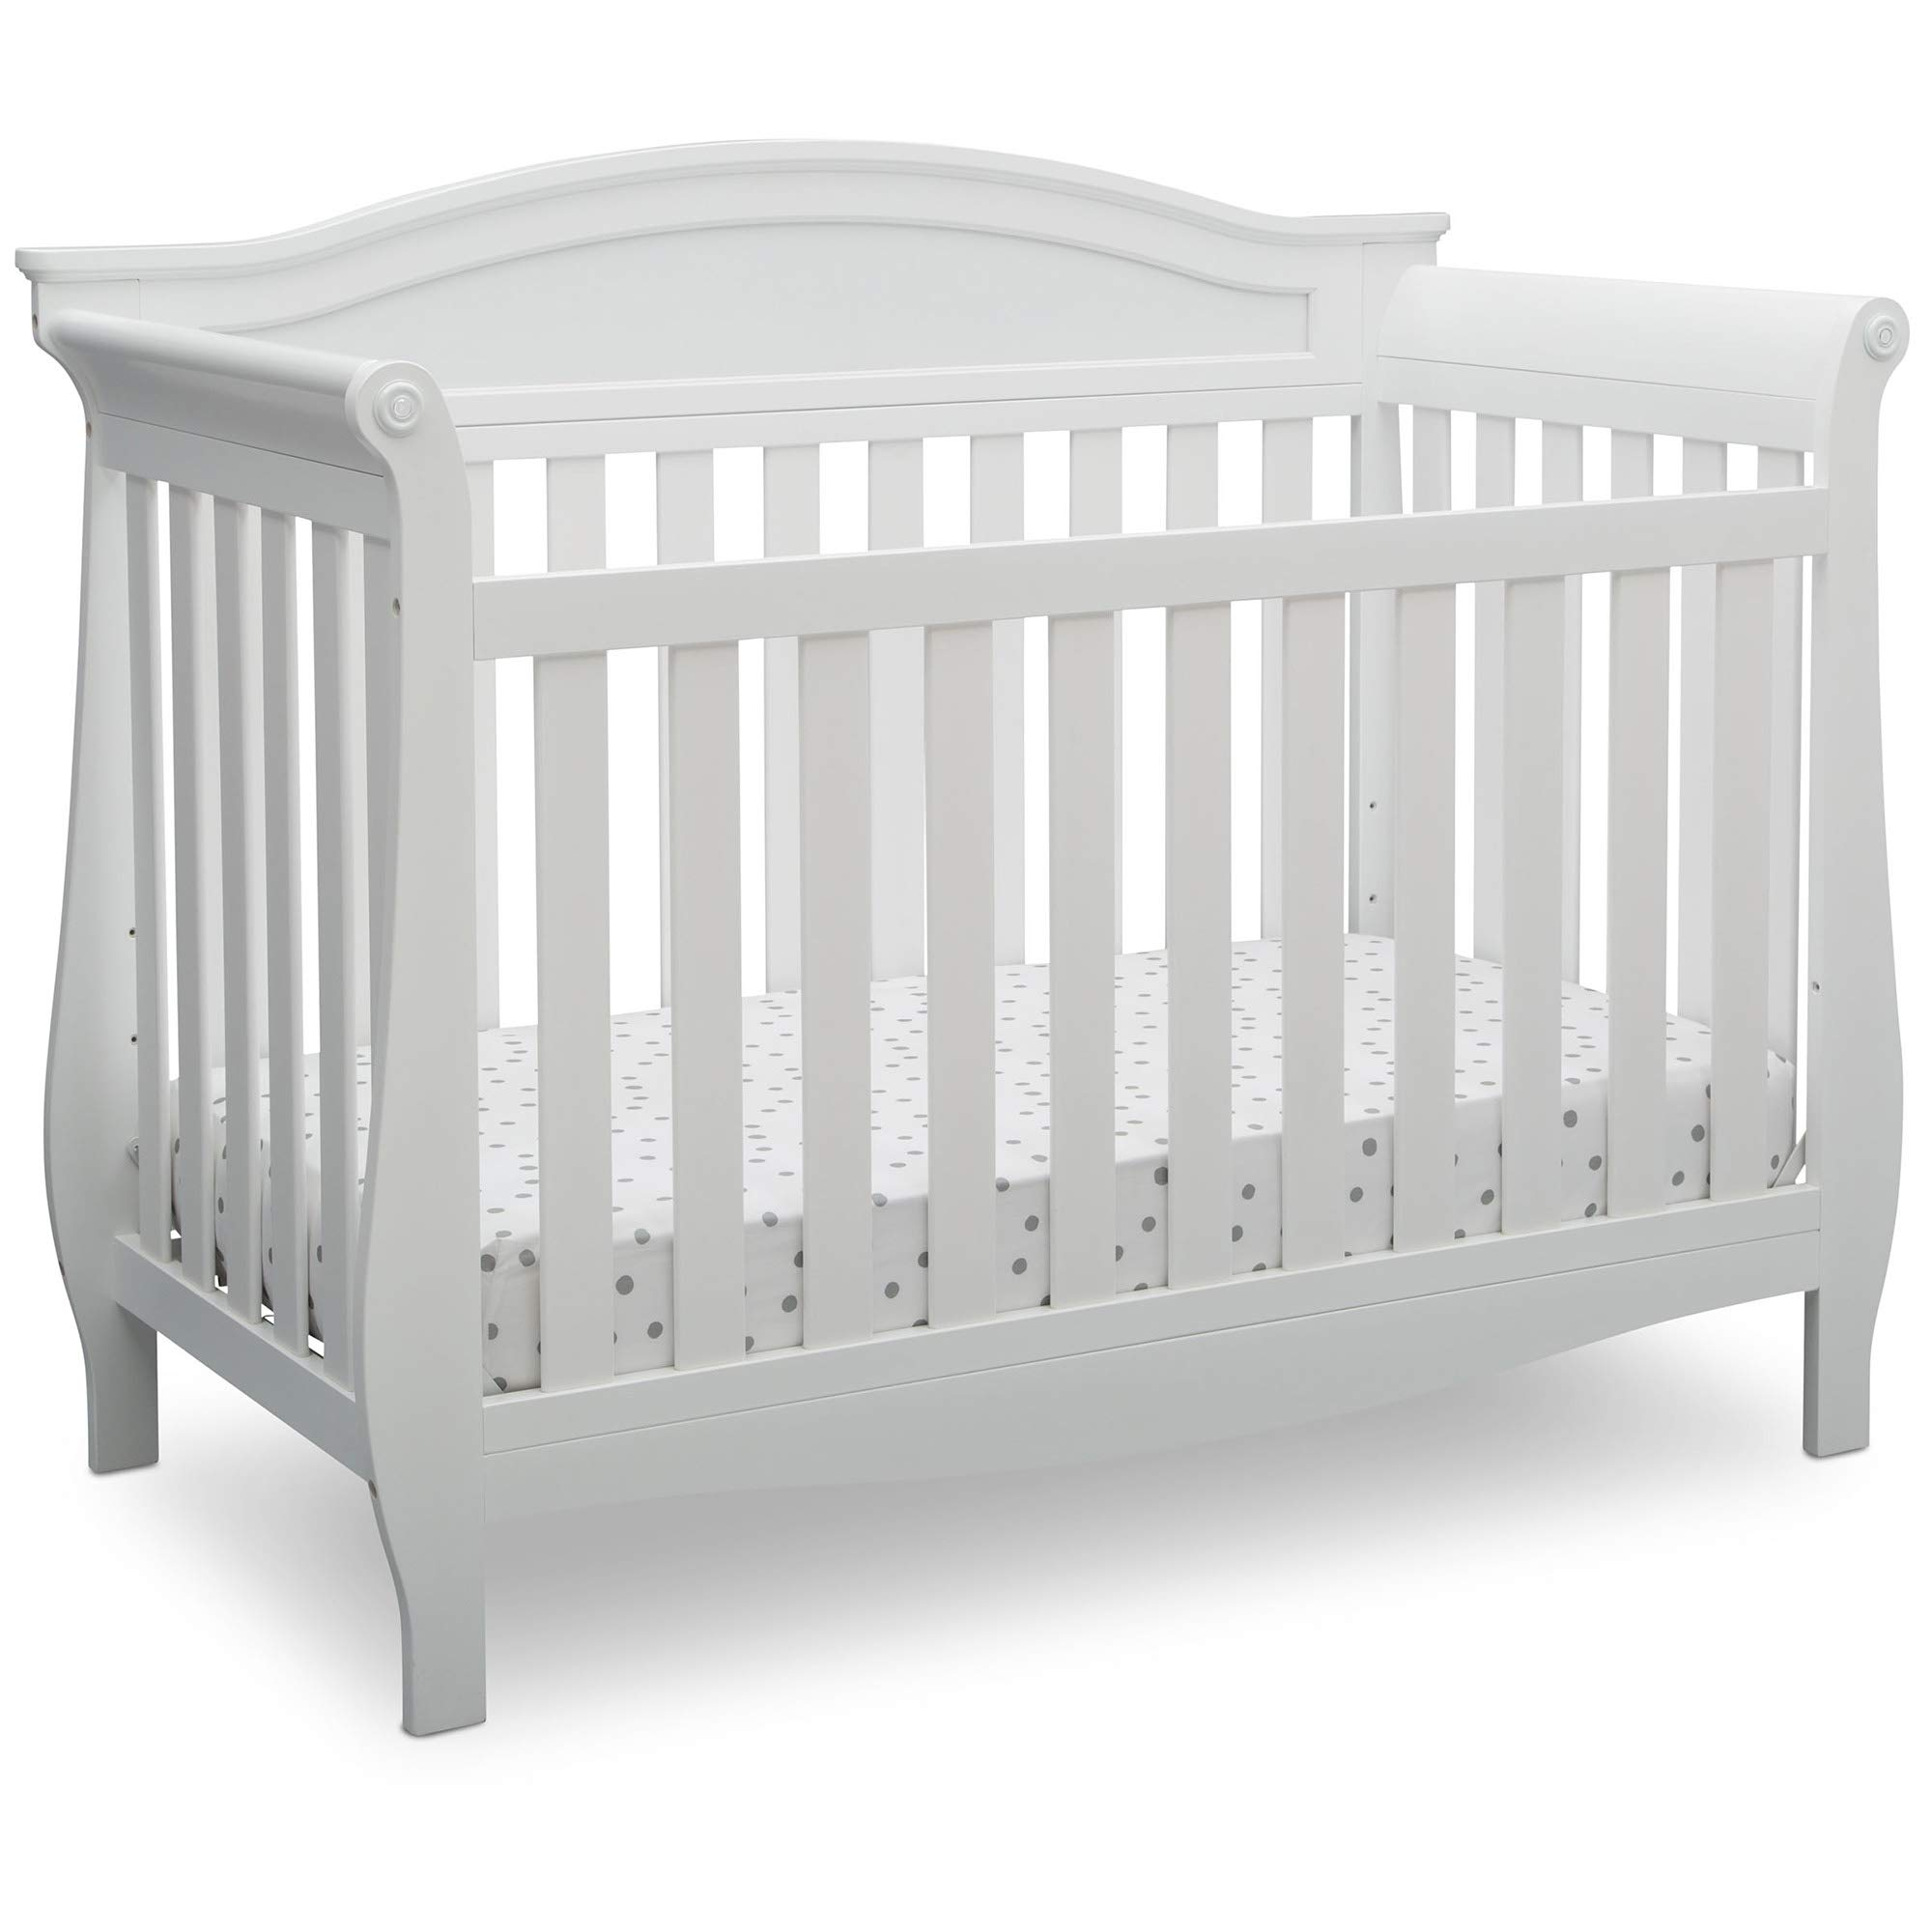 Delta Children Lancaster 4-in-1 Convertible Baby Crib, Bianca White by Delta Children